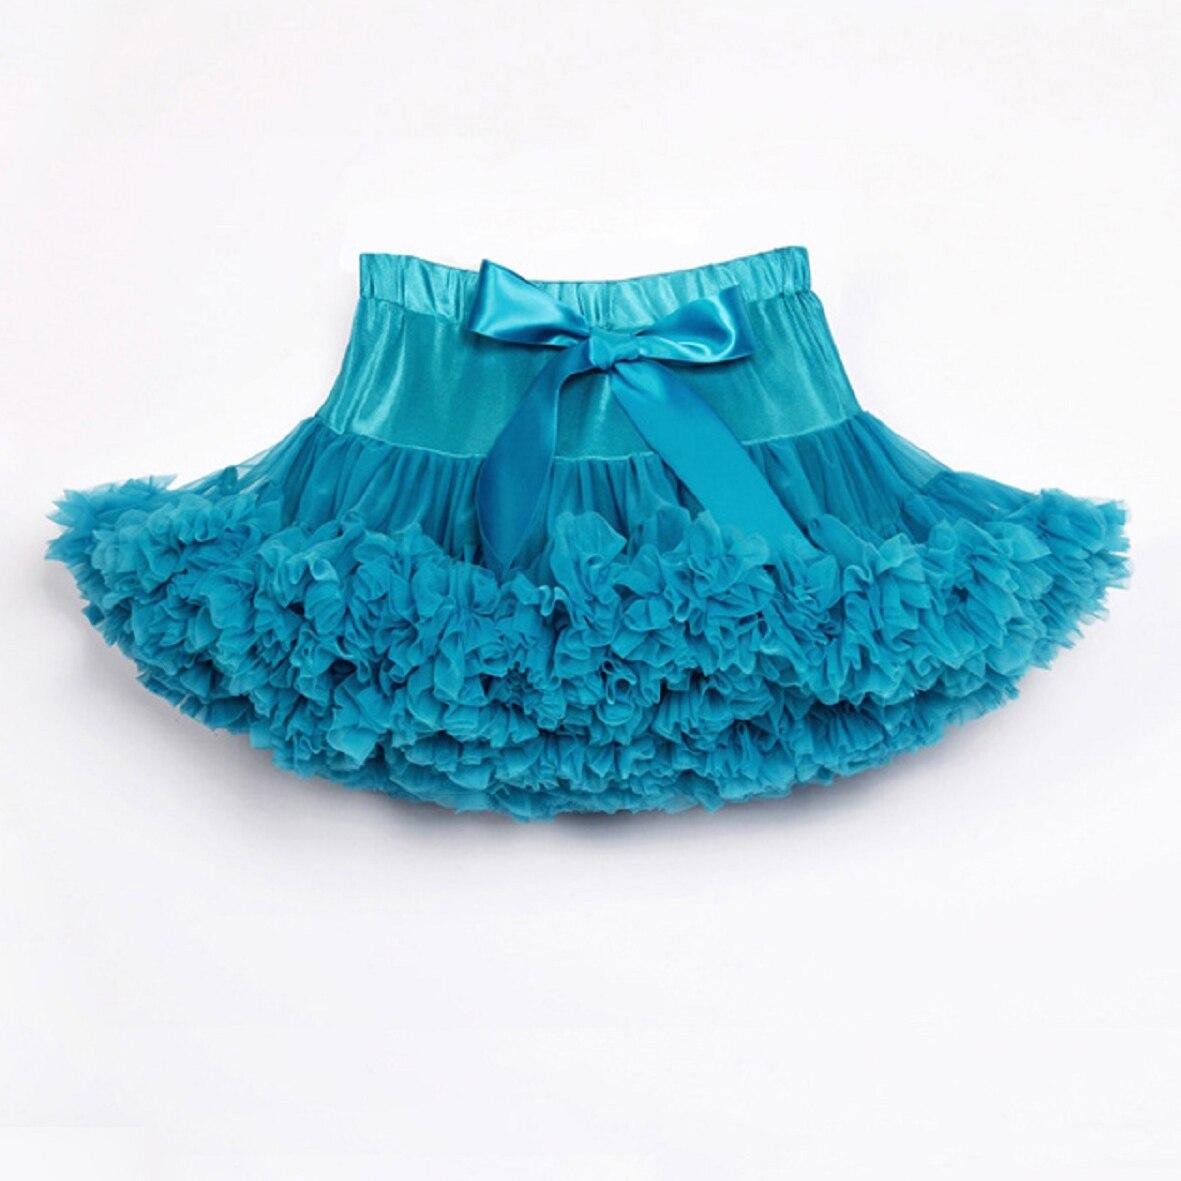 Юбки для девочек, юбка-пачка, юбка-американка для маленьких девочек, юбка-пачка для маленьких девочек, юбка для танцев, вечерние, подарок на день рождения